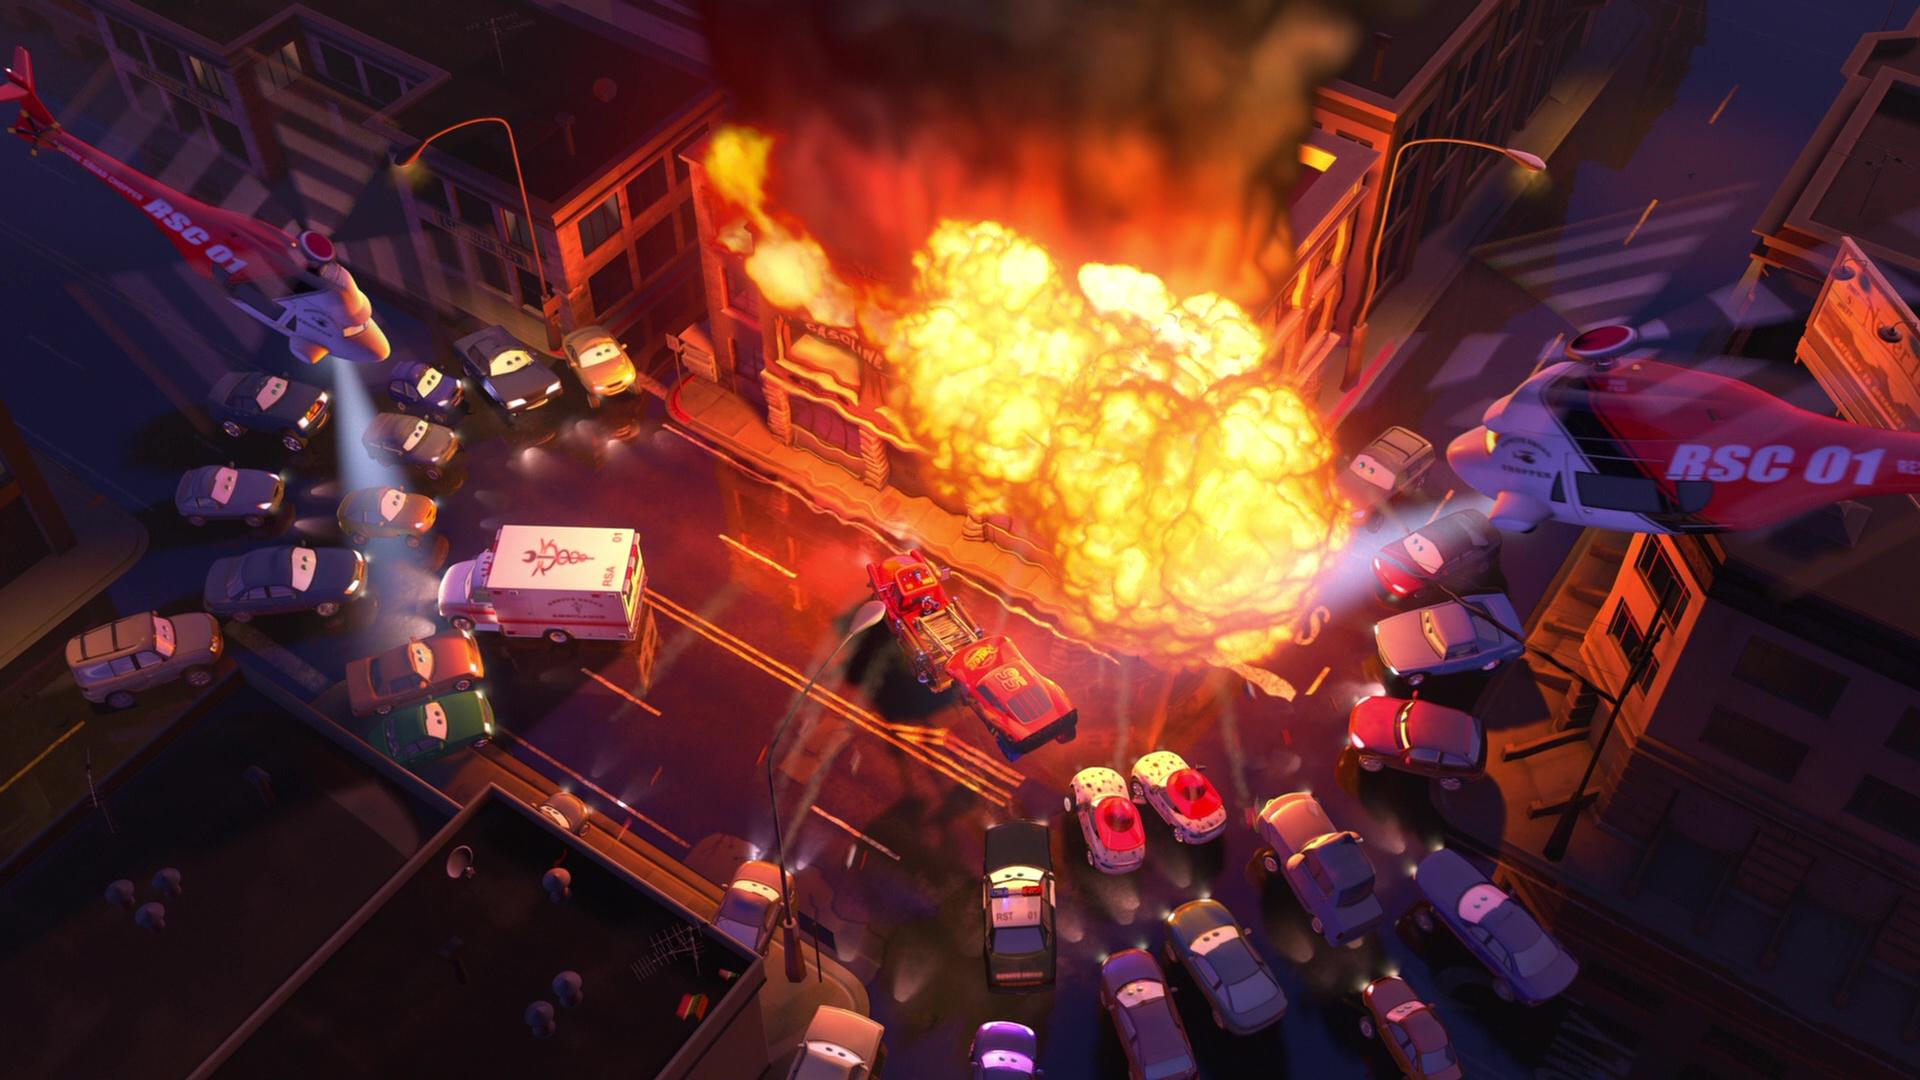 pixar disney personnage character  cars toon martin à la rescousse rescue squad mater hélicoptère  choper